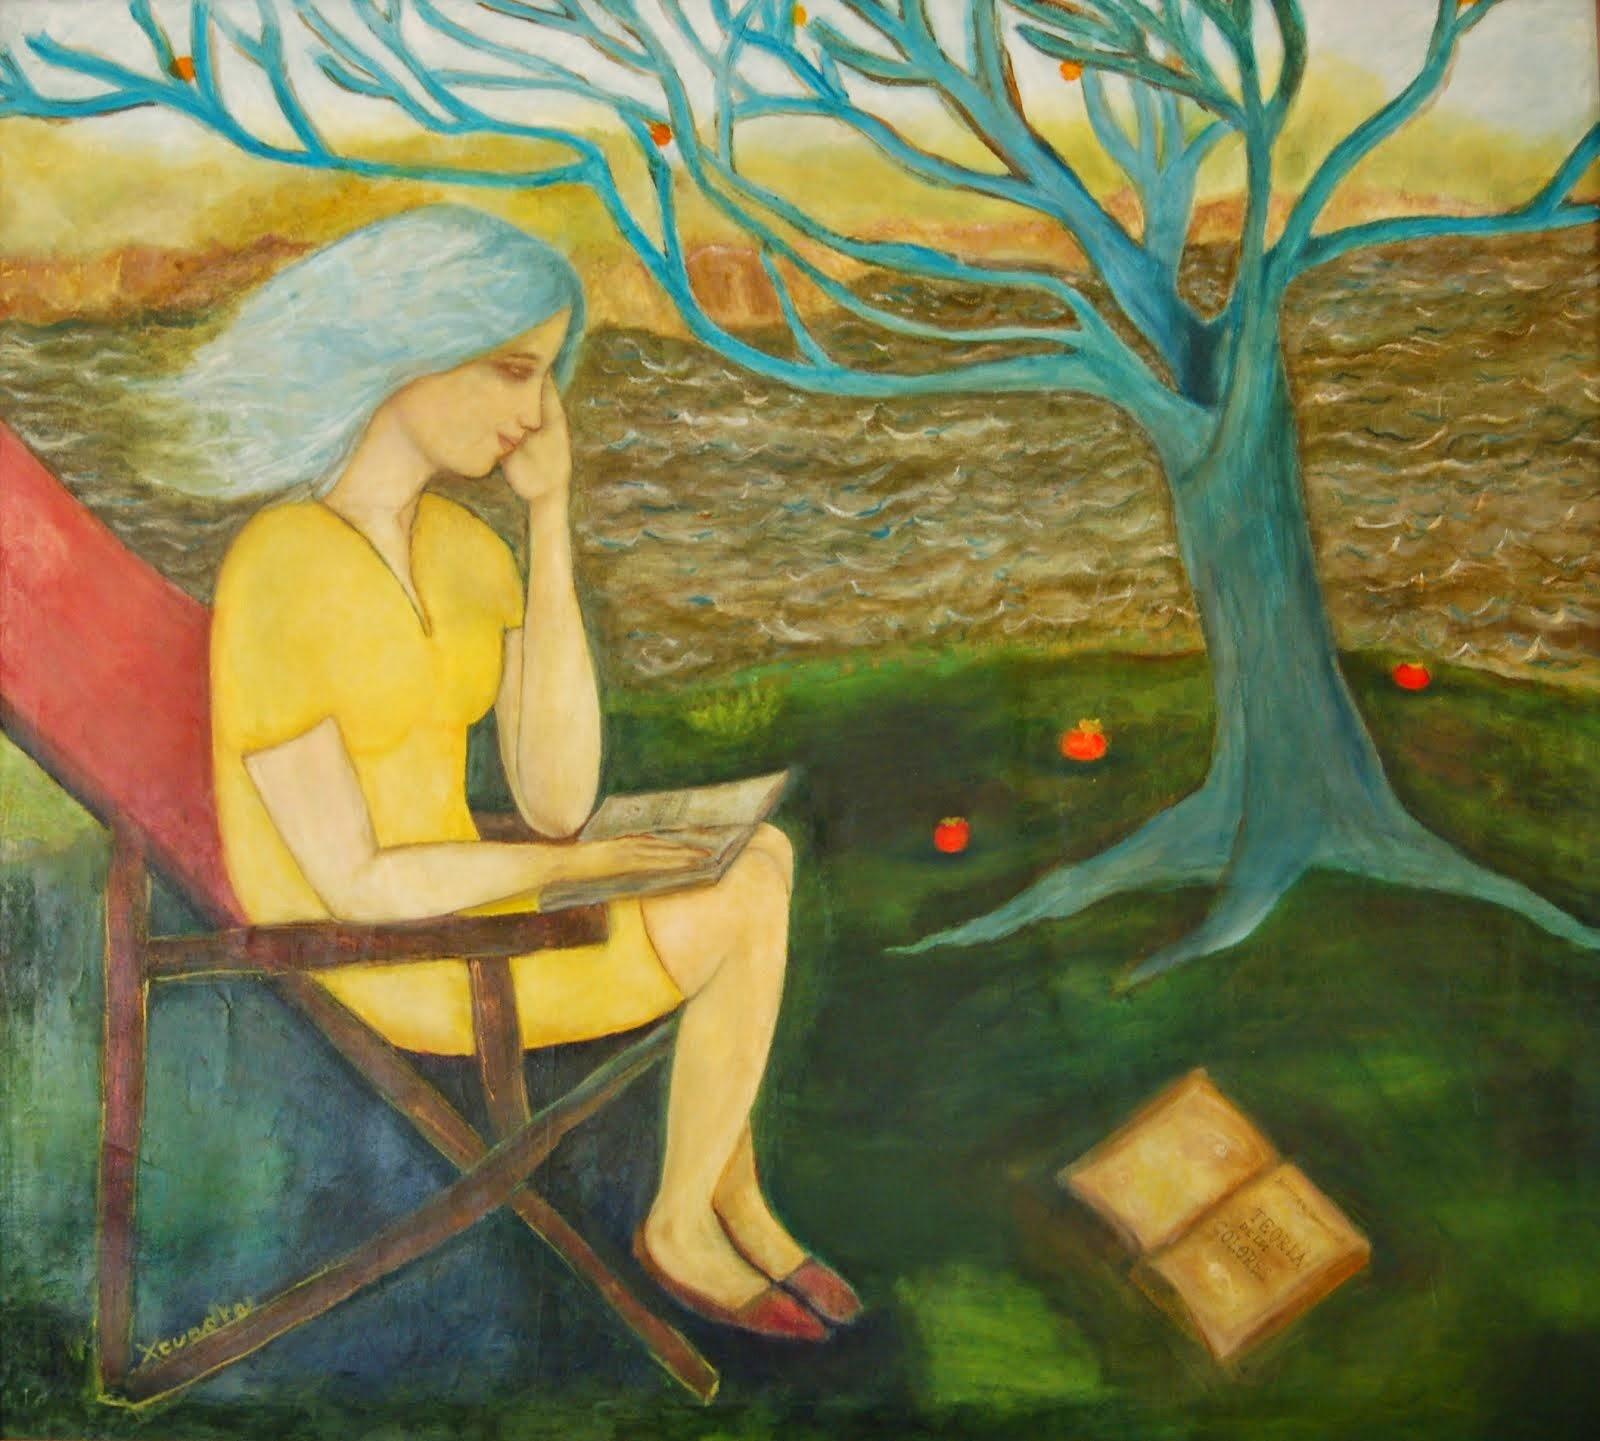 un verano, un lago ventoso, el paisaje ideal para leer....